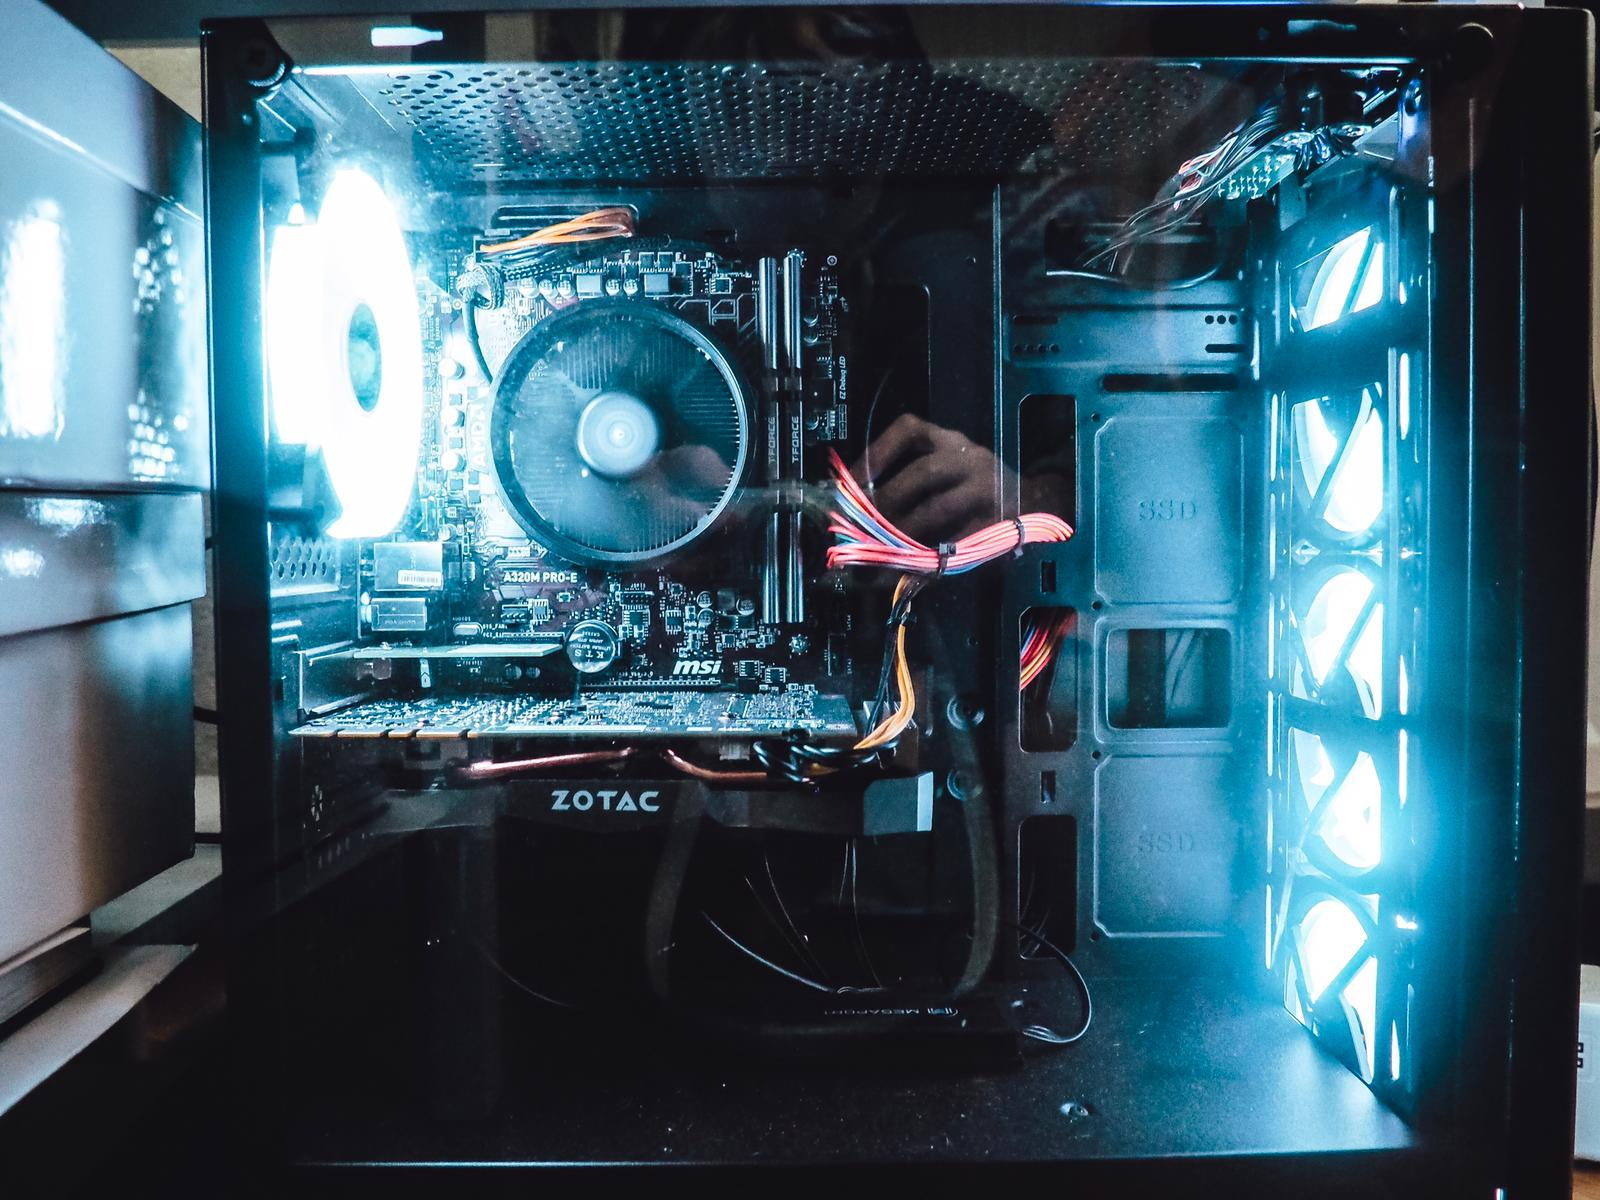 Megaport liefert mit seinem Gaming PC Komplettset ein solides Set für alle Hobby-Gamer und PC Games Fans. Review heute auf dem Gamer Girlz Blog ☆